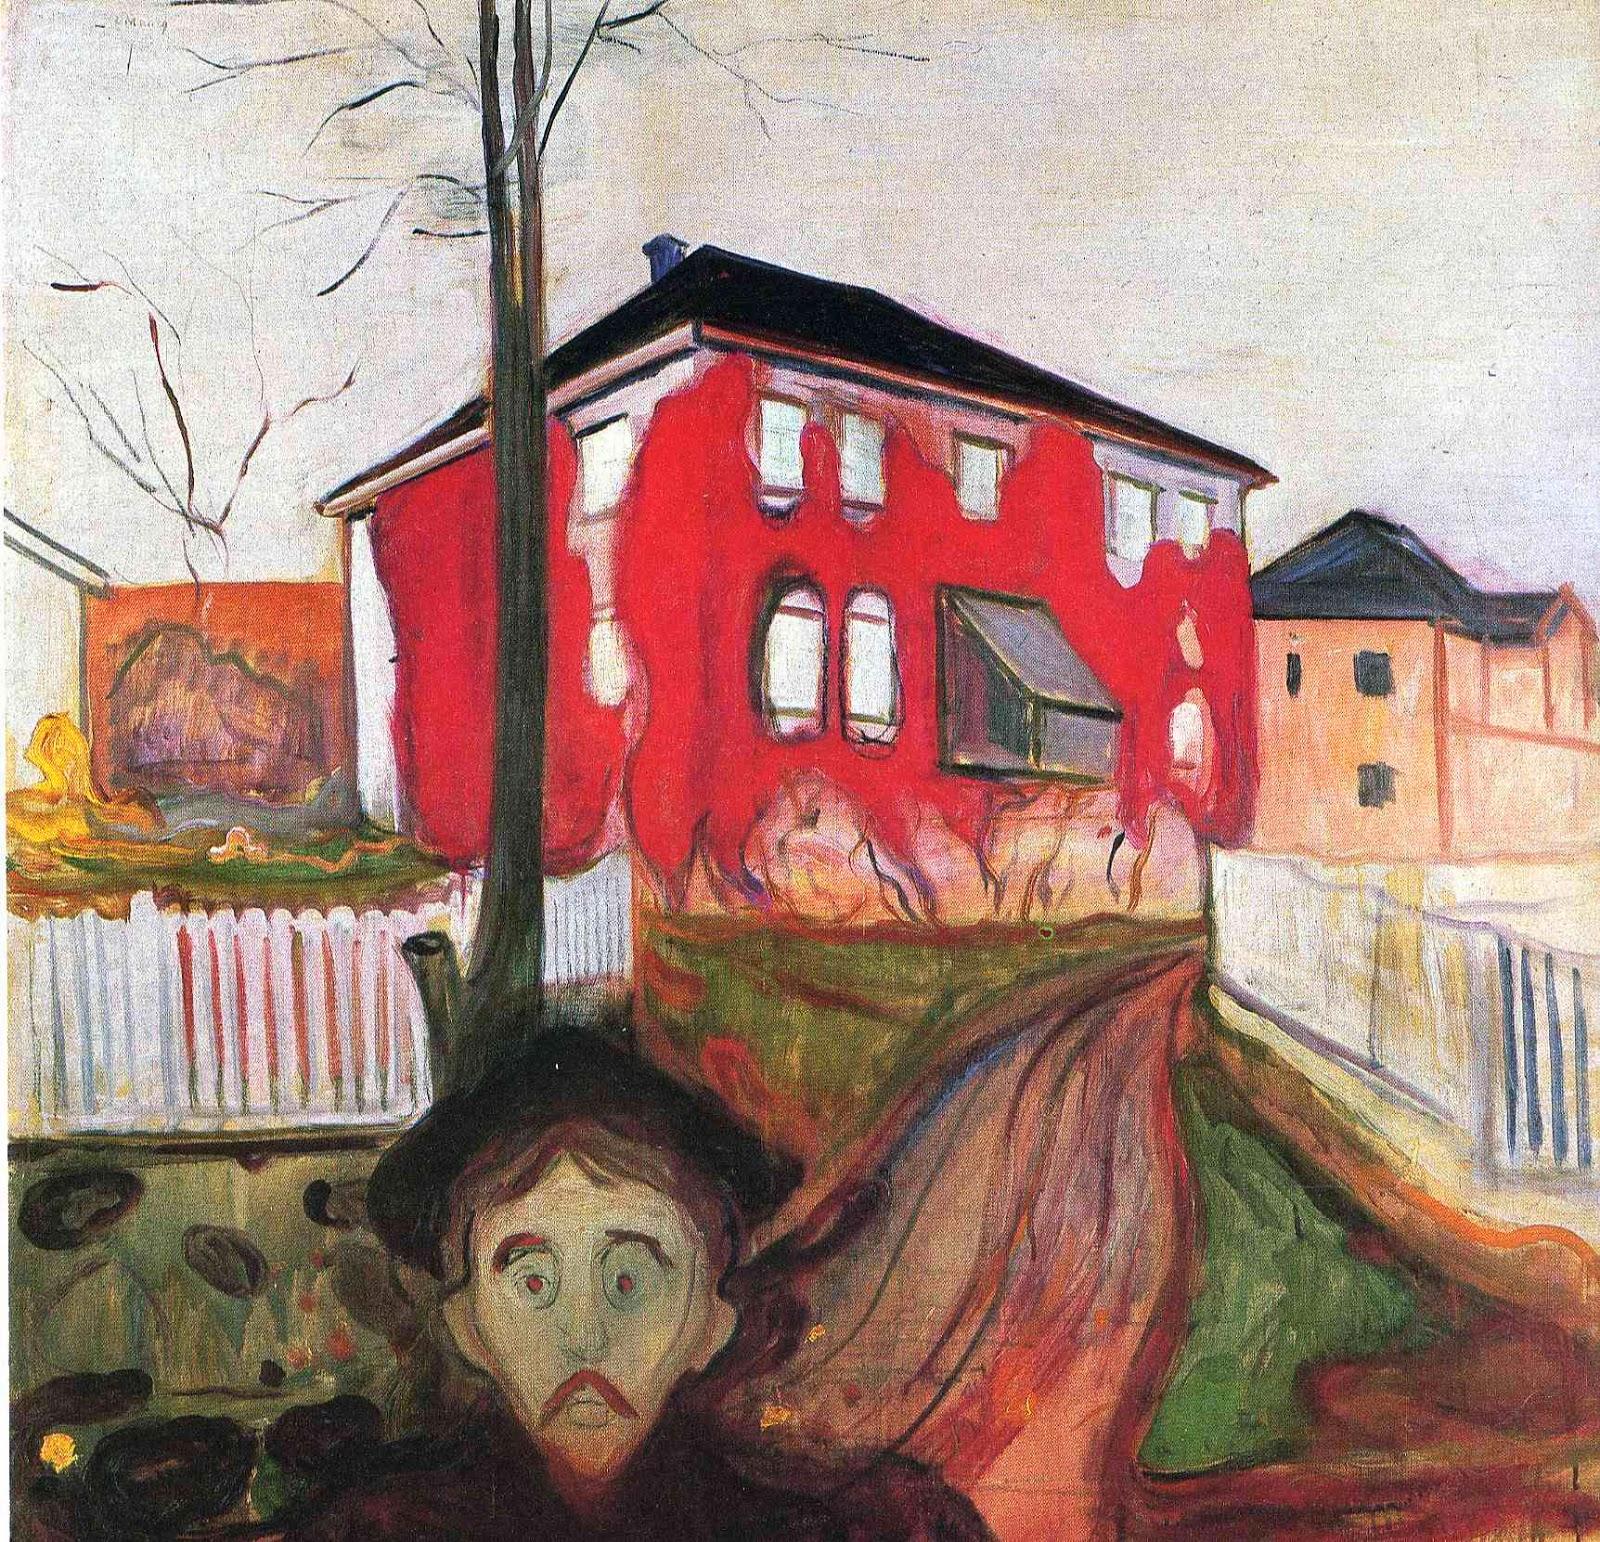 Virgínia Vermelha - Munch, Edvard esuas principais pinturas ~ Um grito de desespero existencial